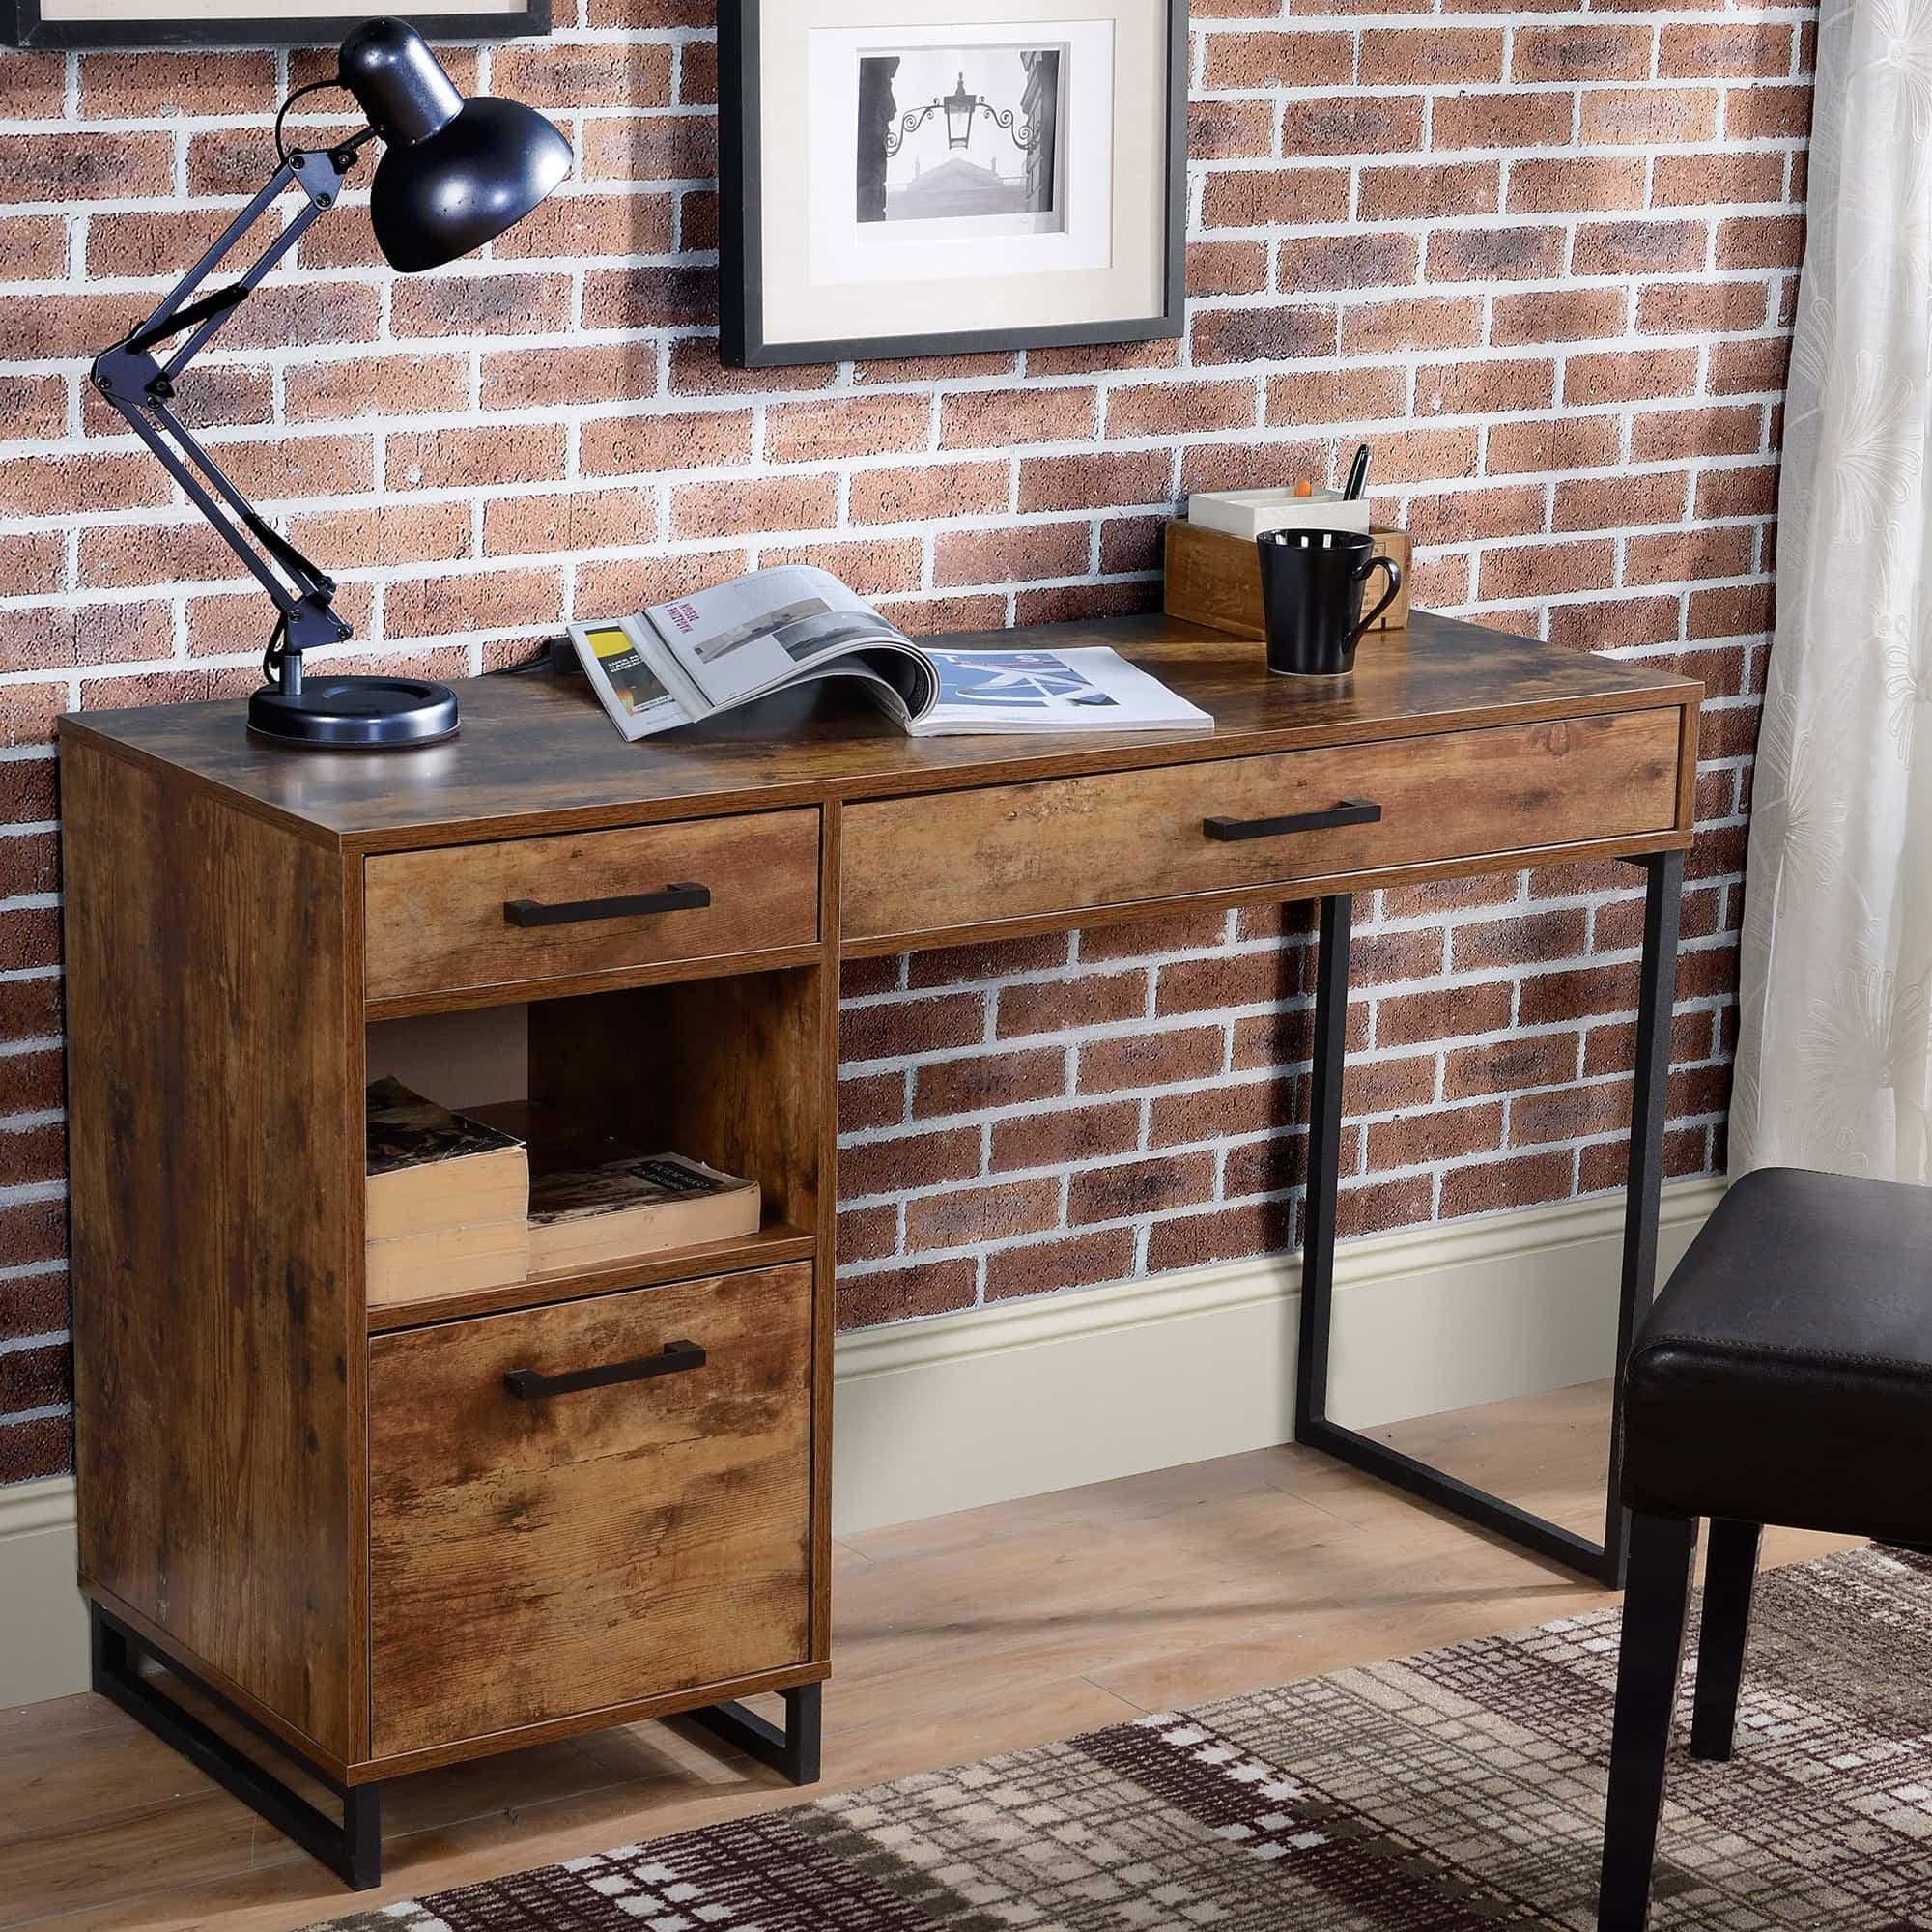 TOP mẫu bàn làm việc gỗ tự nhiên đẹp nhất hiện nay